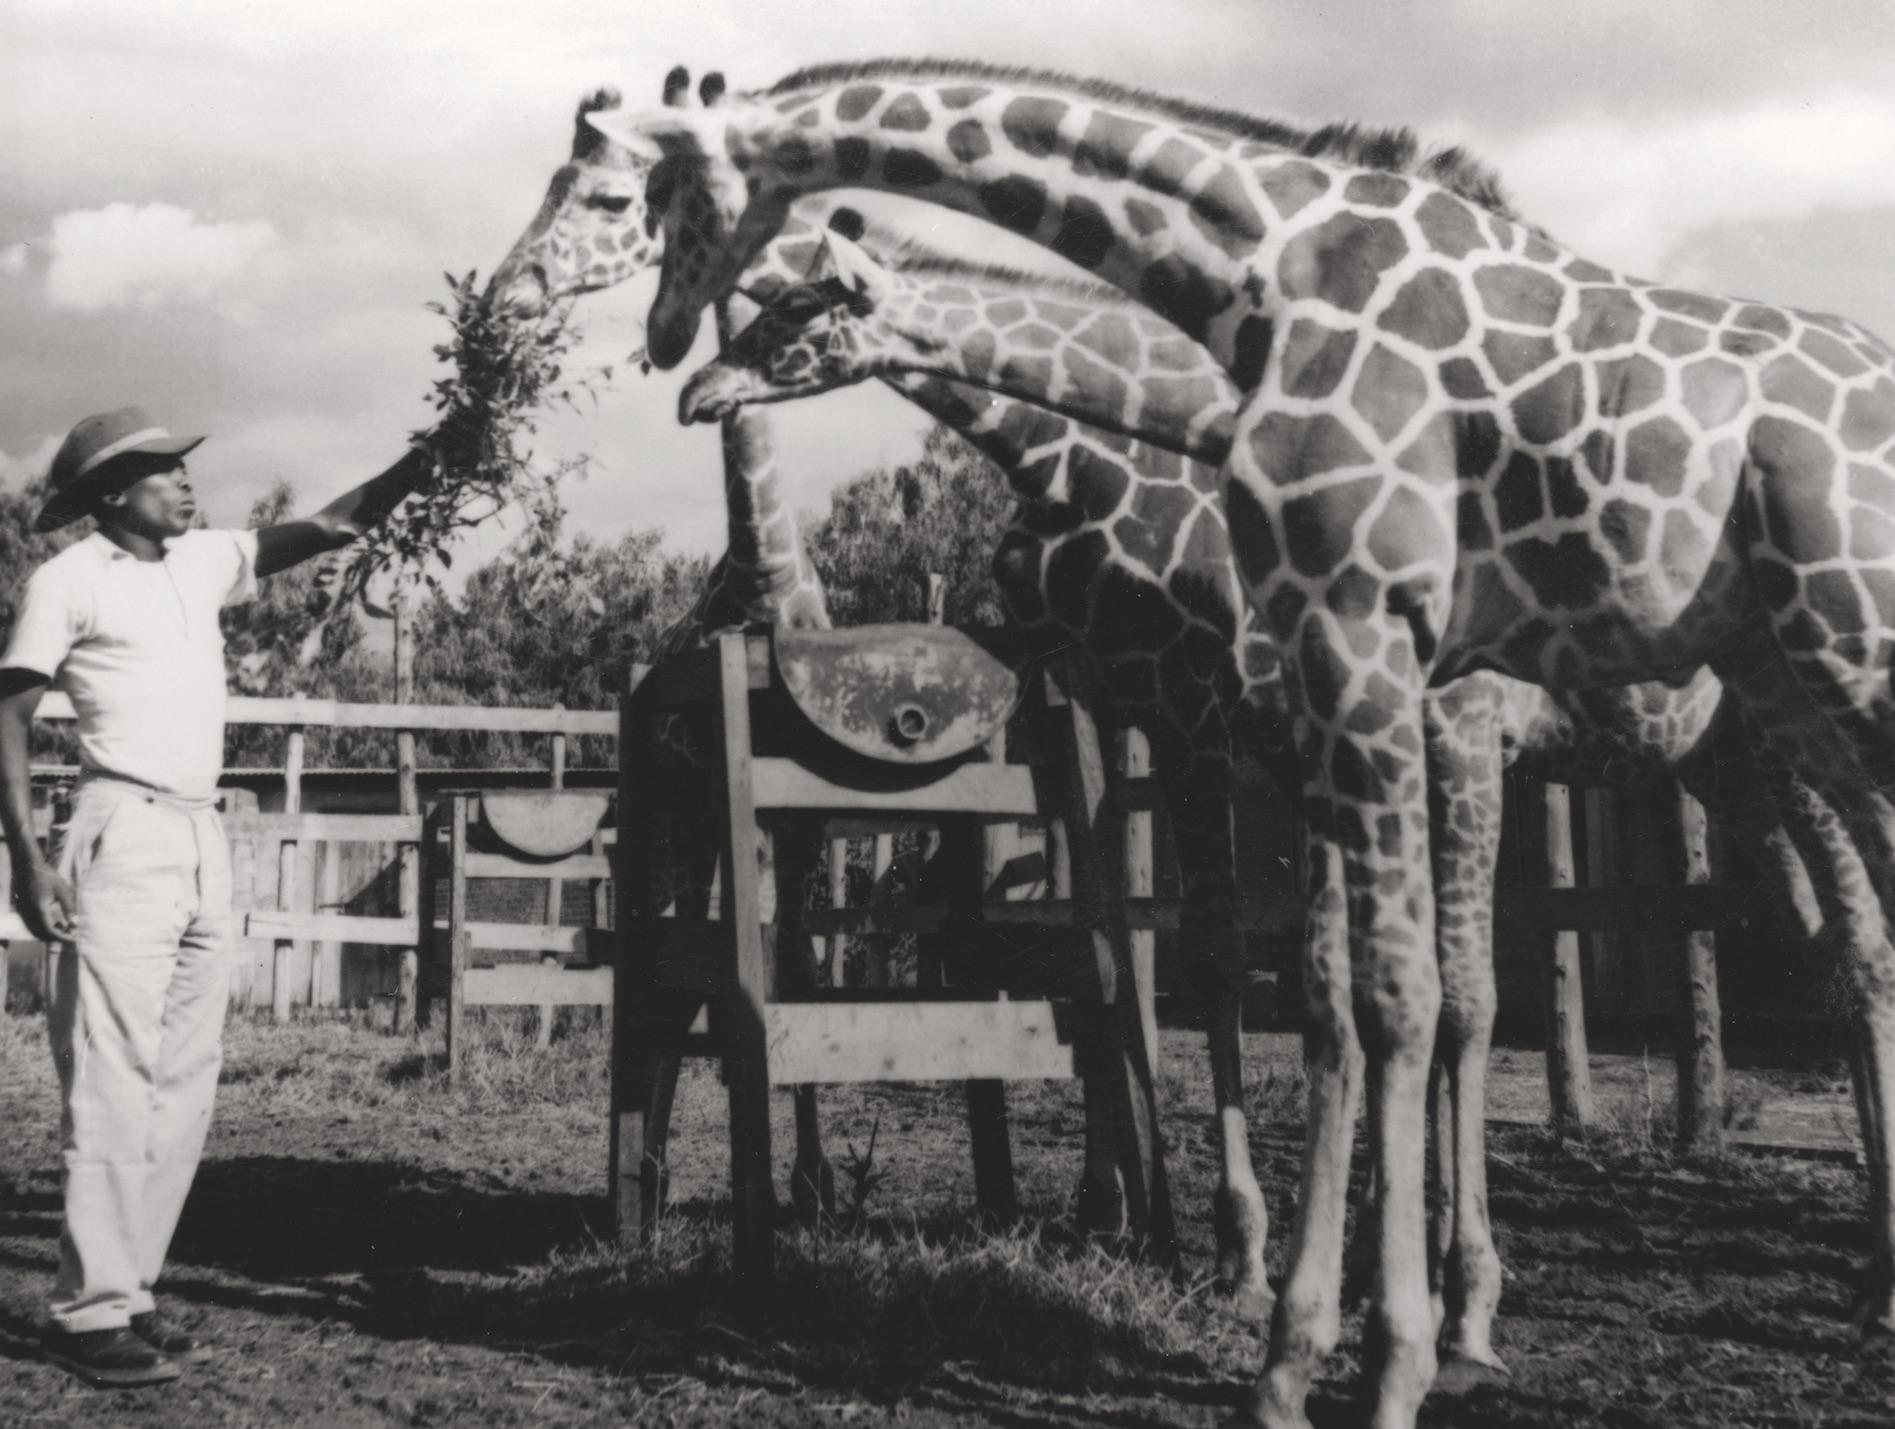 Ein Arbeiter füttert auf der Big Game Ranch Giraffen. Arusha, Tanzania, 1950er-Jahre, Staatsarchiv Thurgau